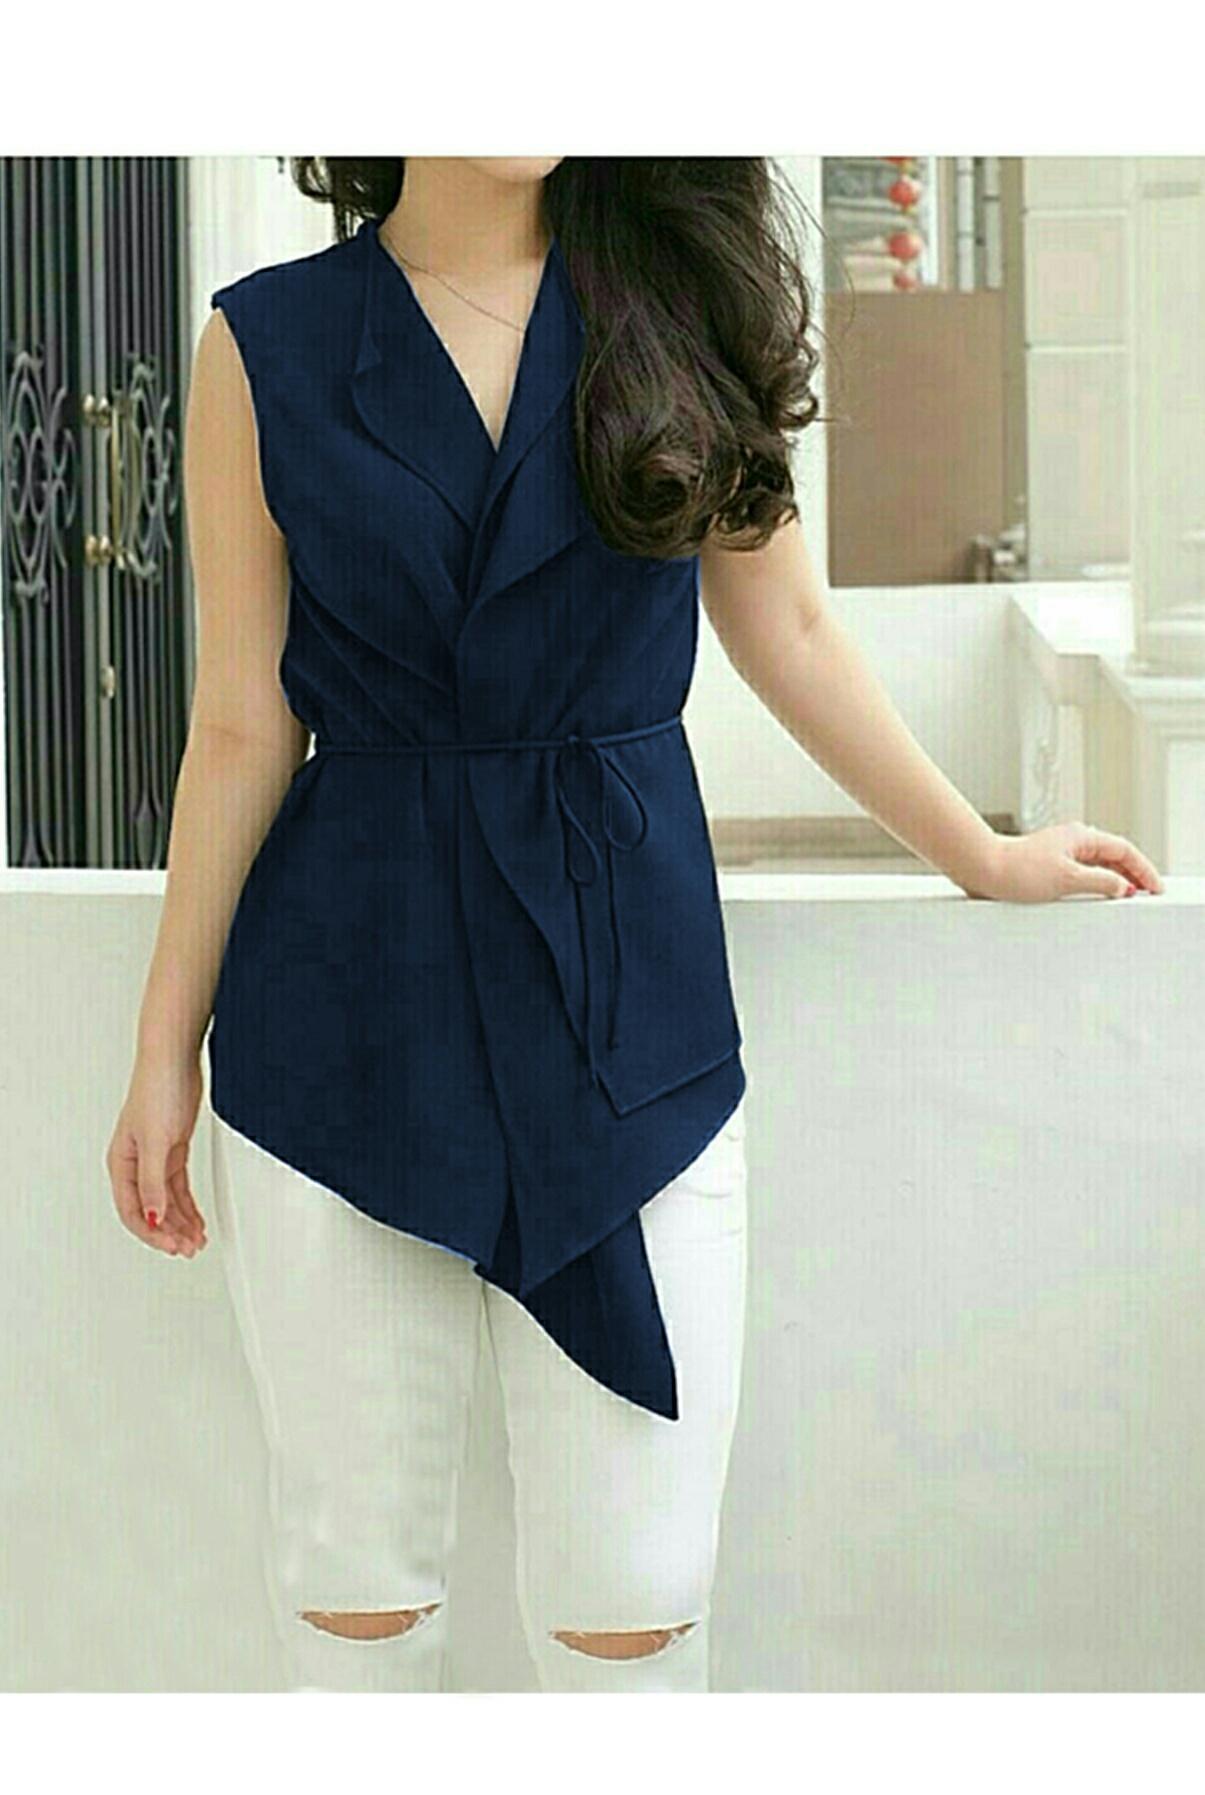 Kedai_baju Blouse Wanita / Baju Wanita / Blouse Korea / Atasan Wanita / Baju Formal / Tunik / Blouse Vita Navy – O